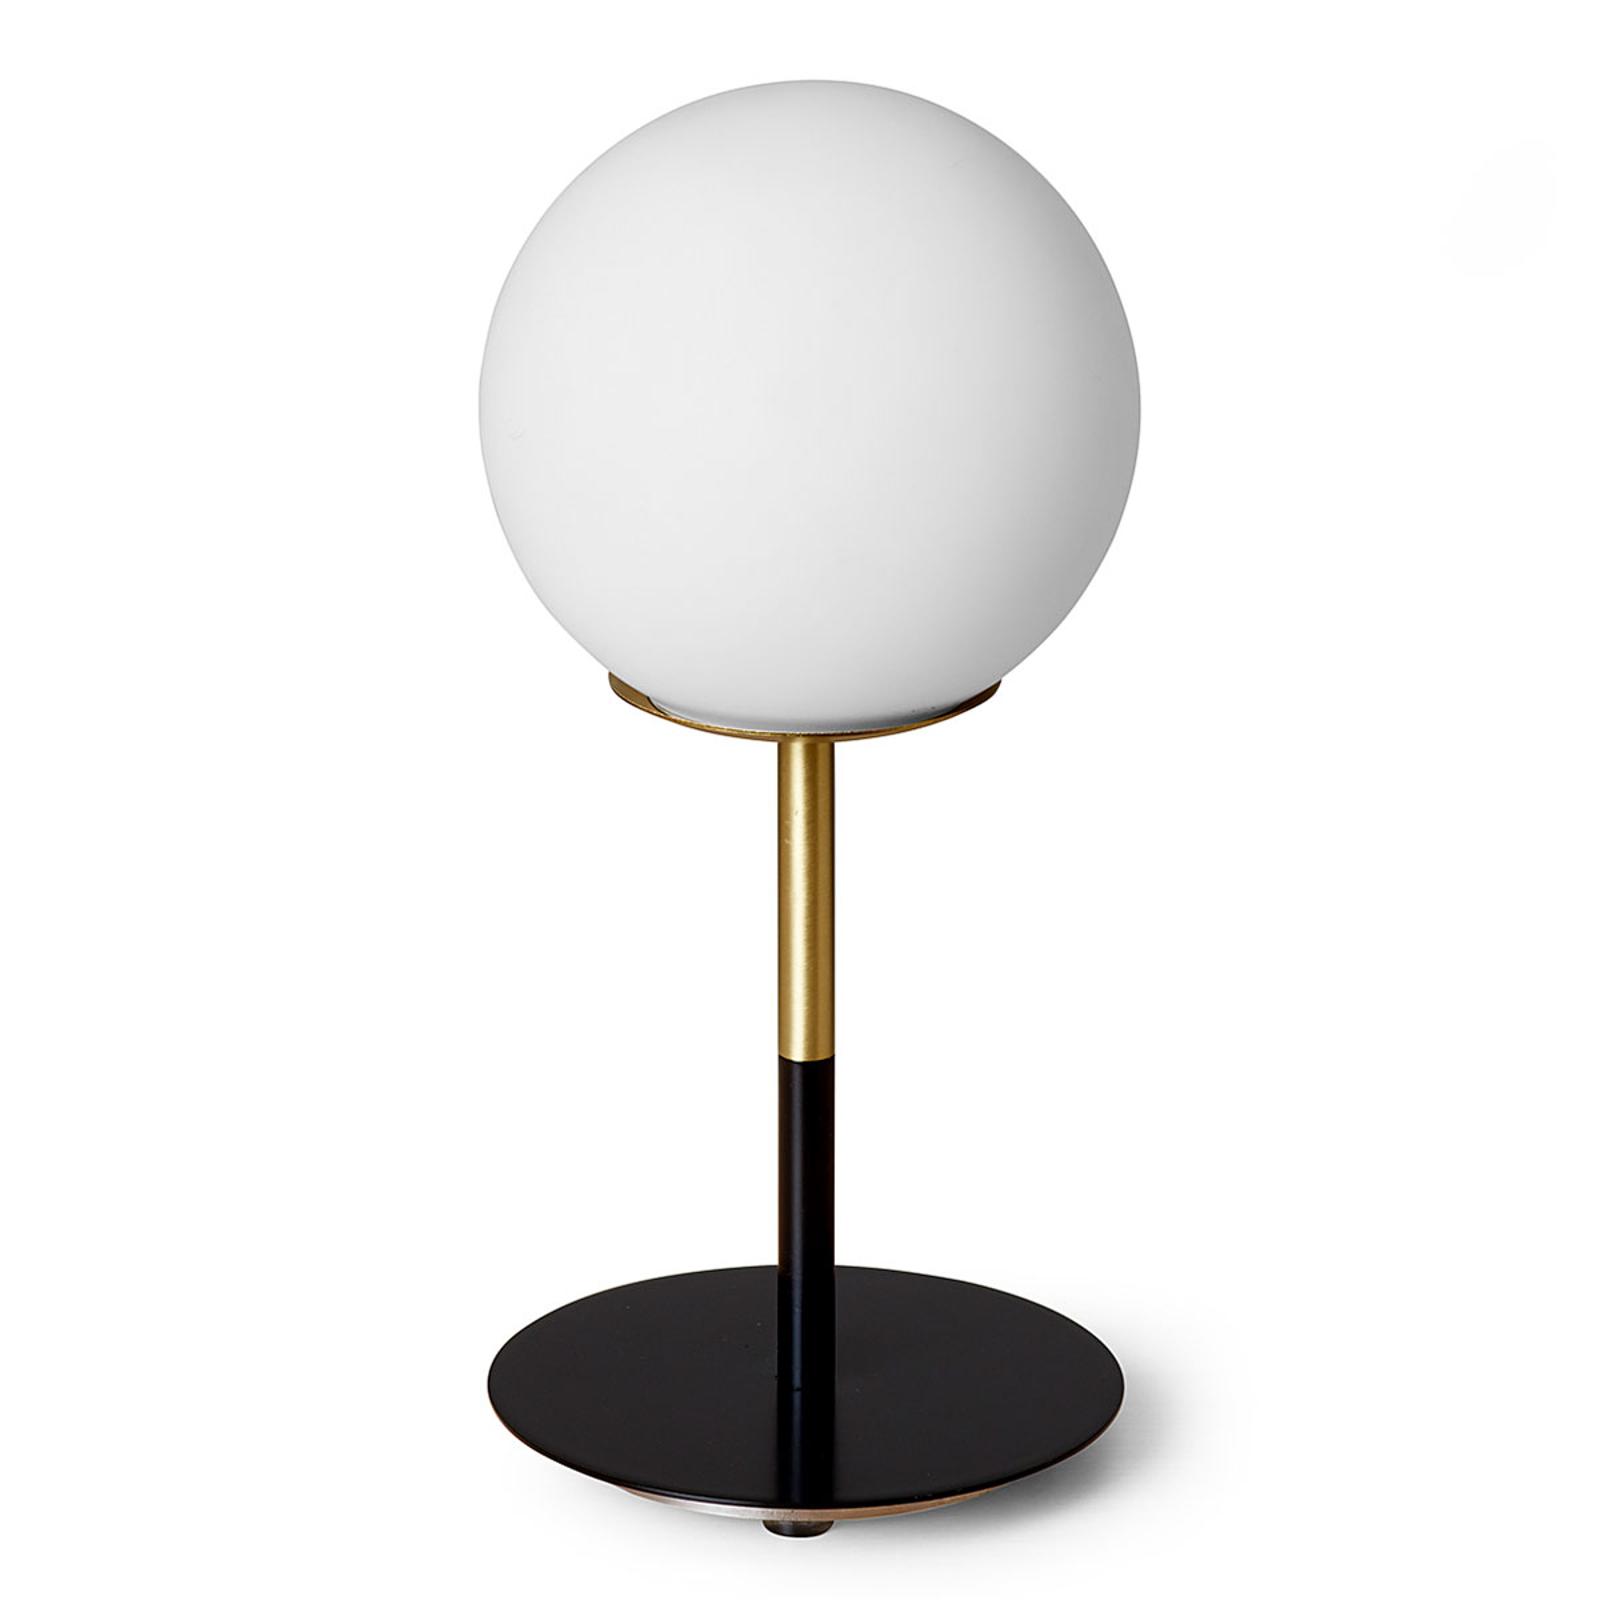 Bordlampe Moa i elegant design | Lampegiganten.no